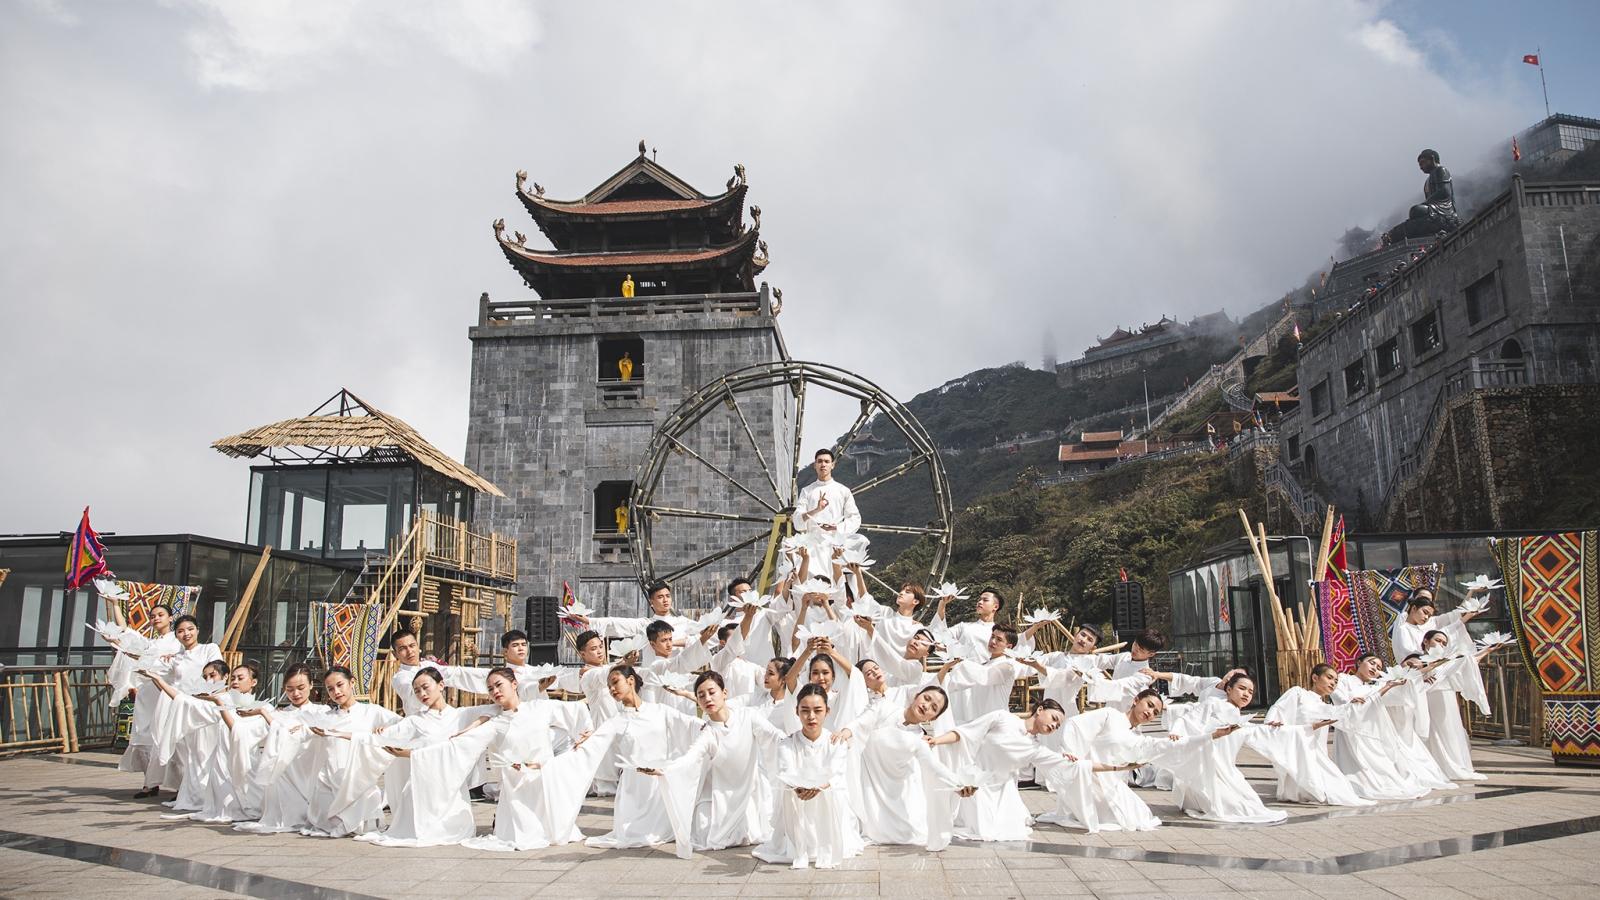 Hơn 100 doanh nghiệp Lào Cai chung tay giảm giá kích cầu du lịch